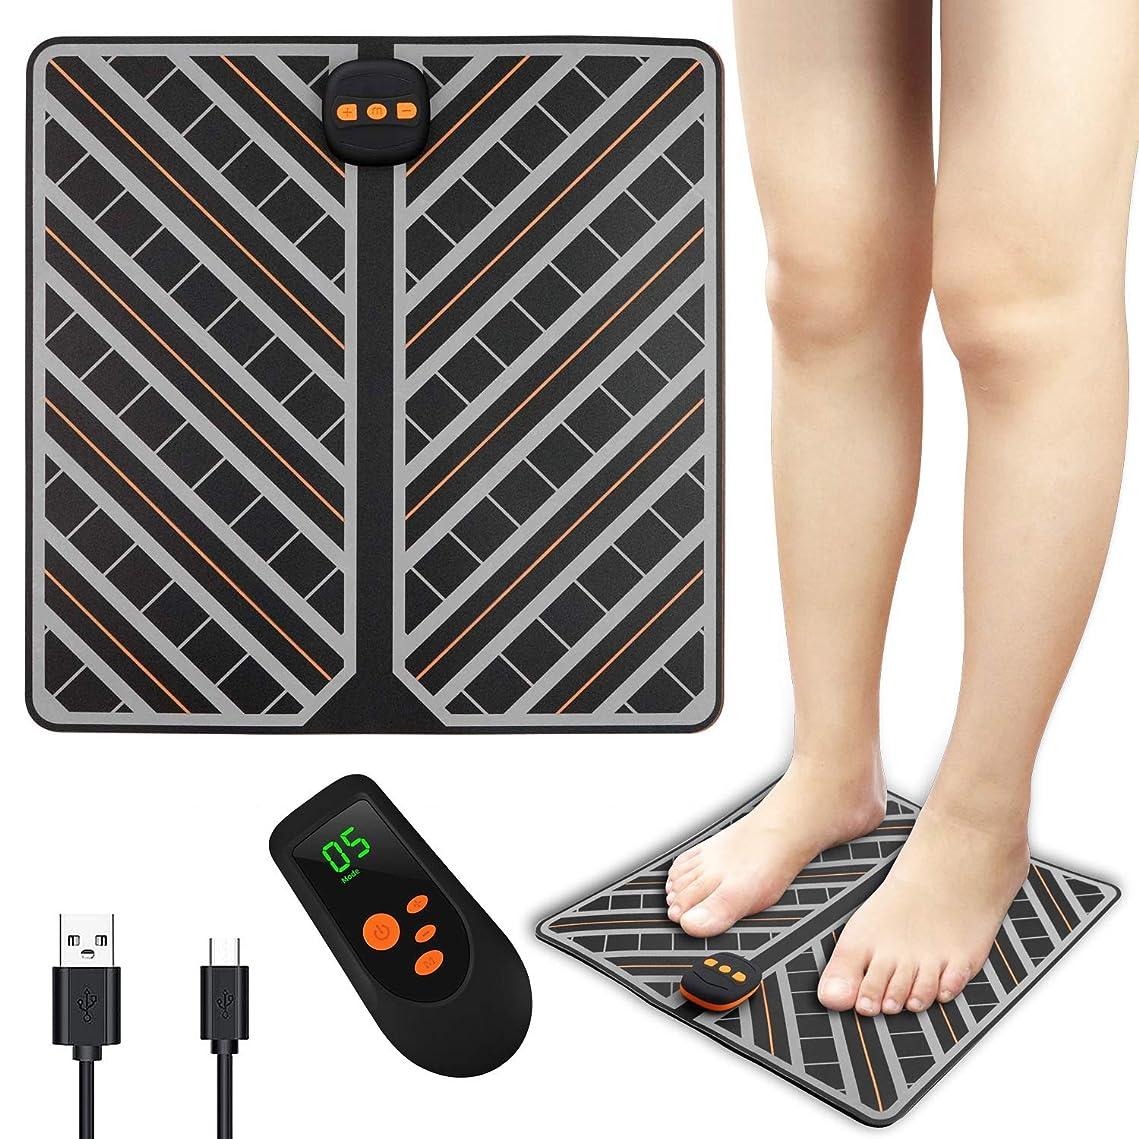 うそつき冊子類人猿足のマッサージトマッサージャーフットレッグマッサージUSB充電EMSレザー導電性シルバーペースト、リモートコントロール、神経痛およびけいれん緩和